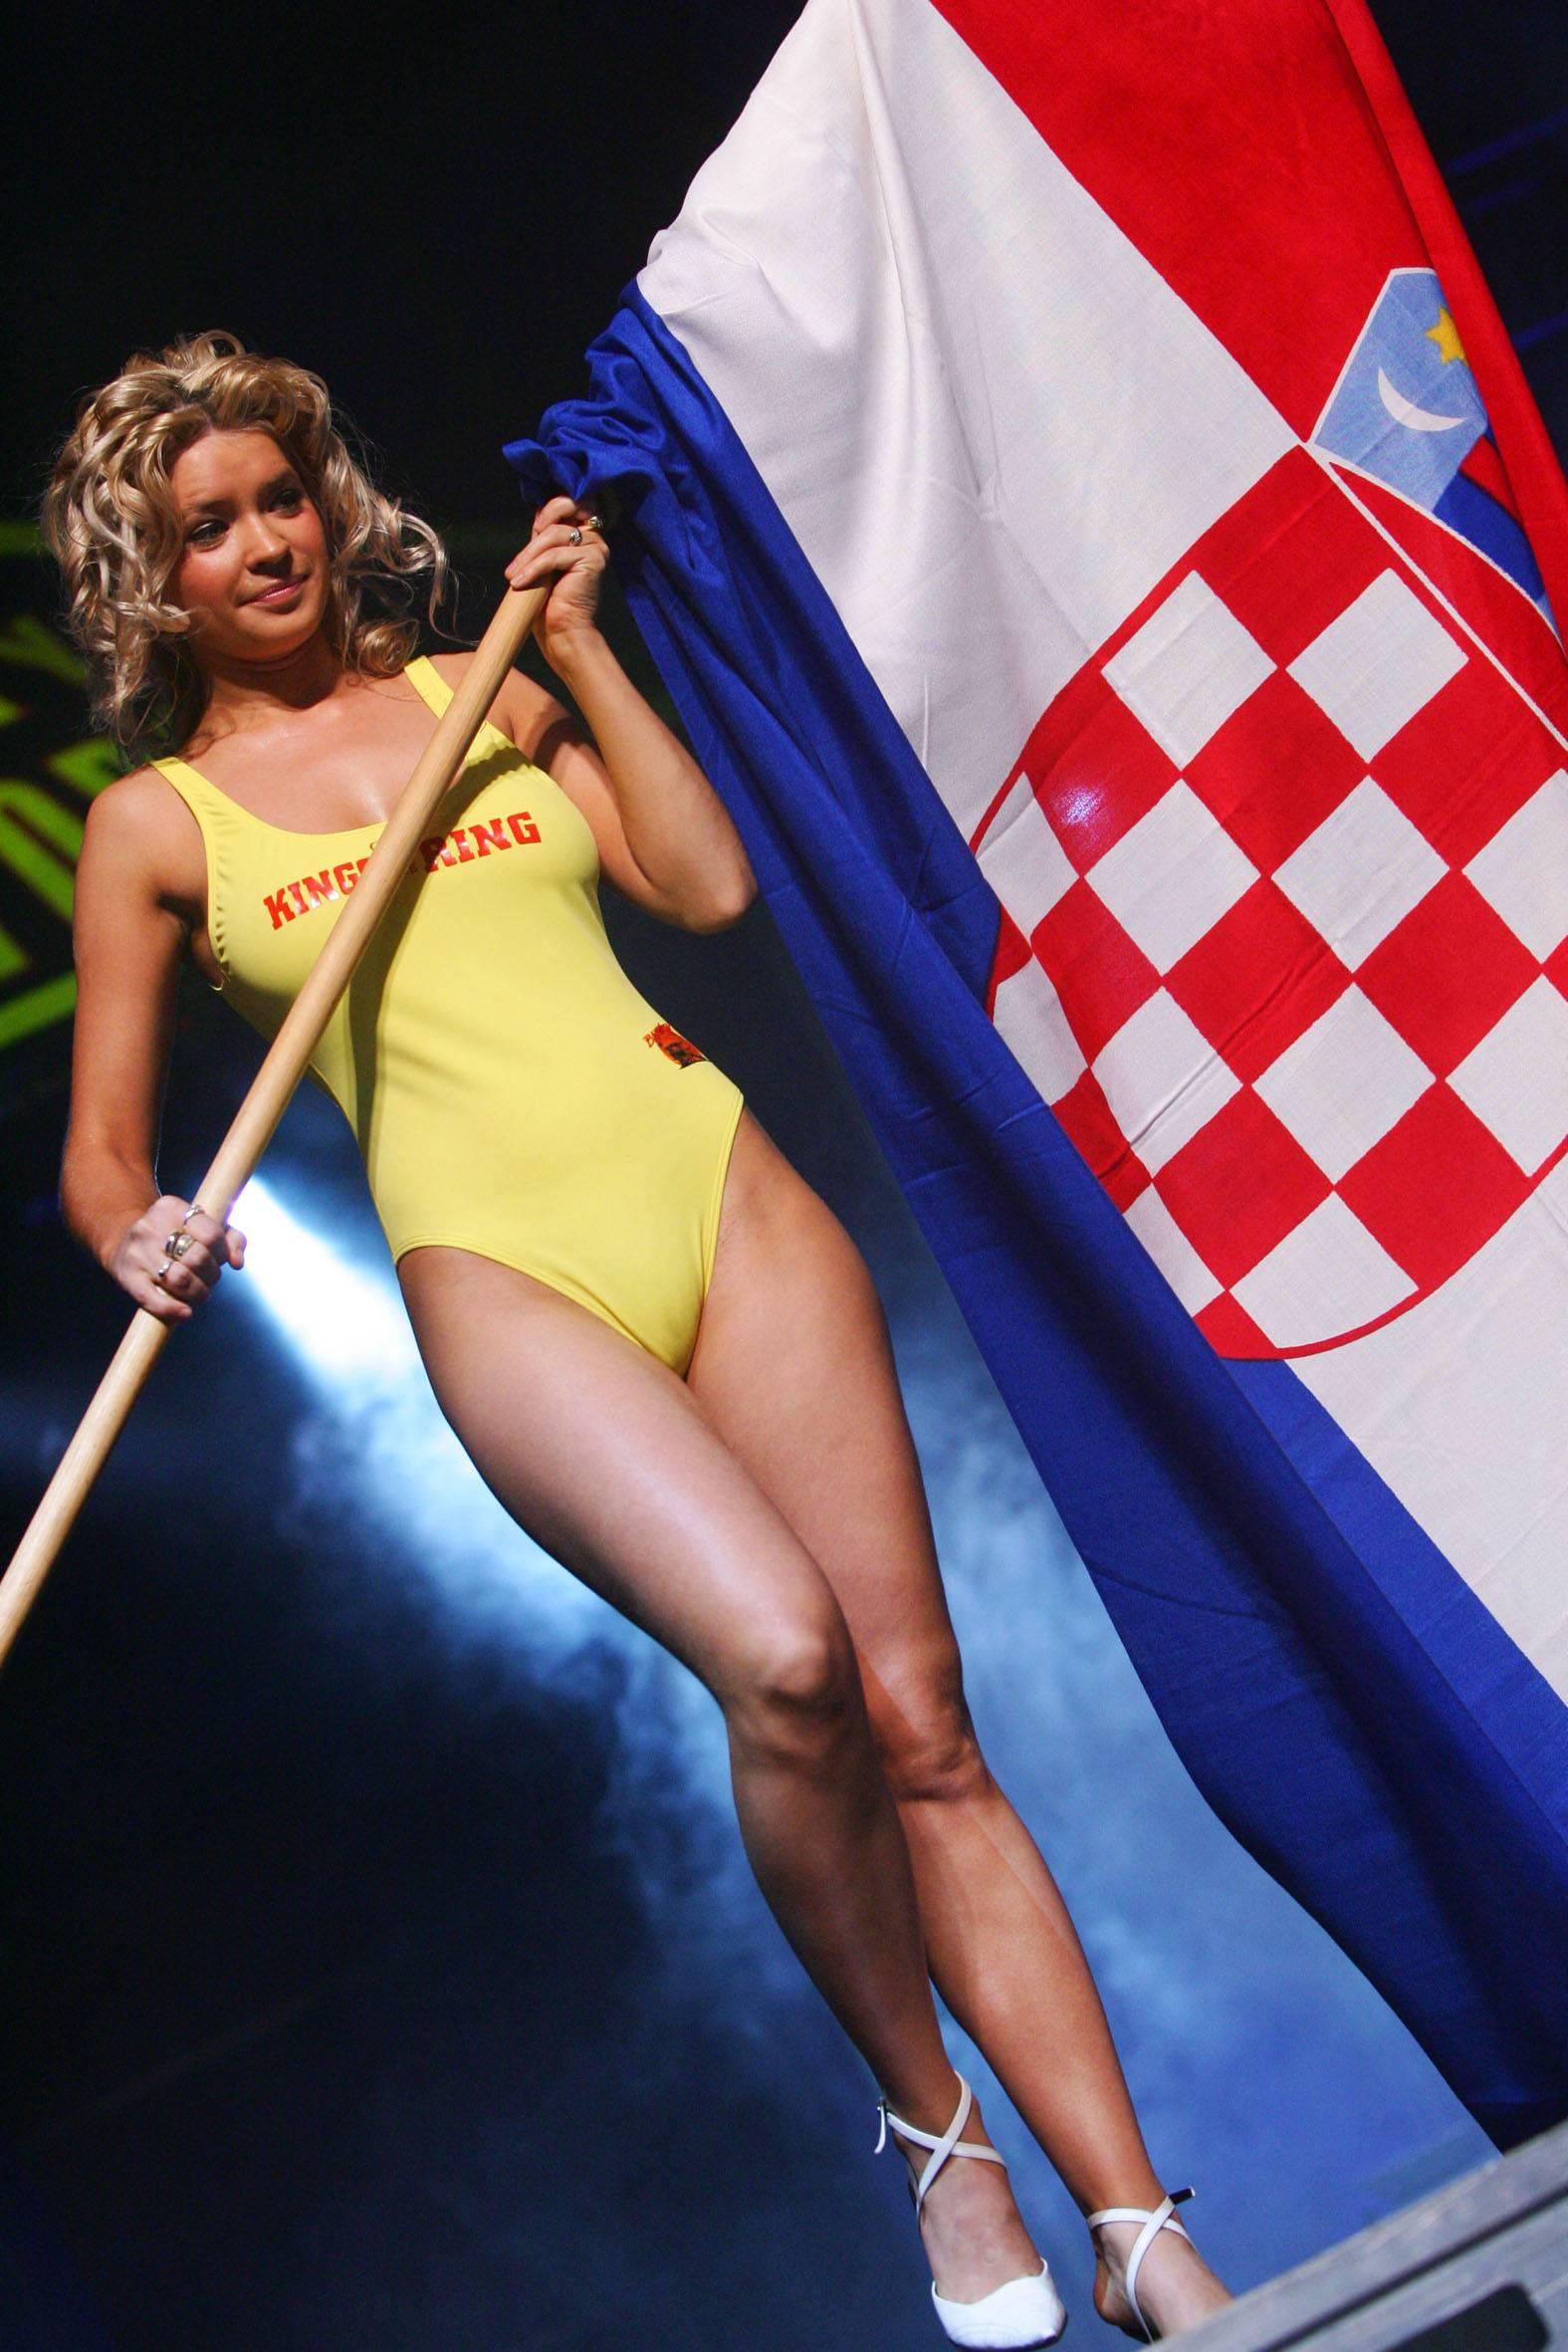 Dom sportova gorio: Hrvati su tu večer slavili prvaka svijeta